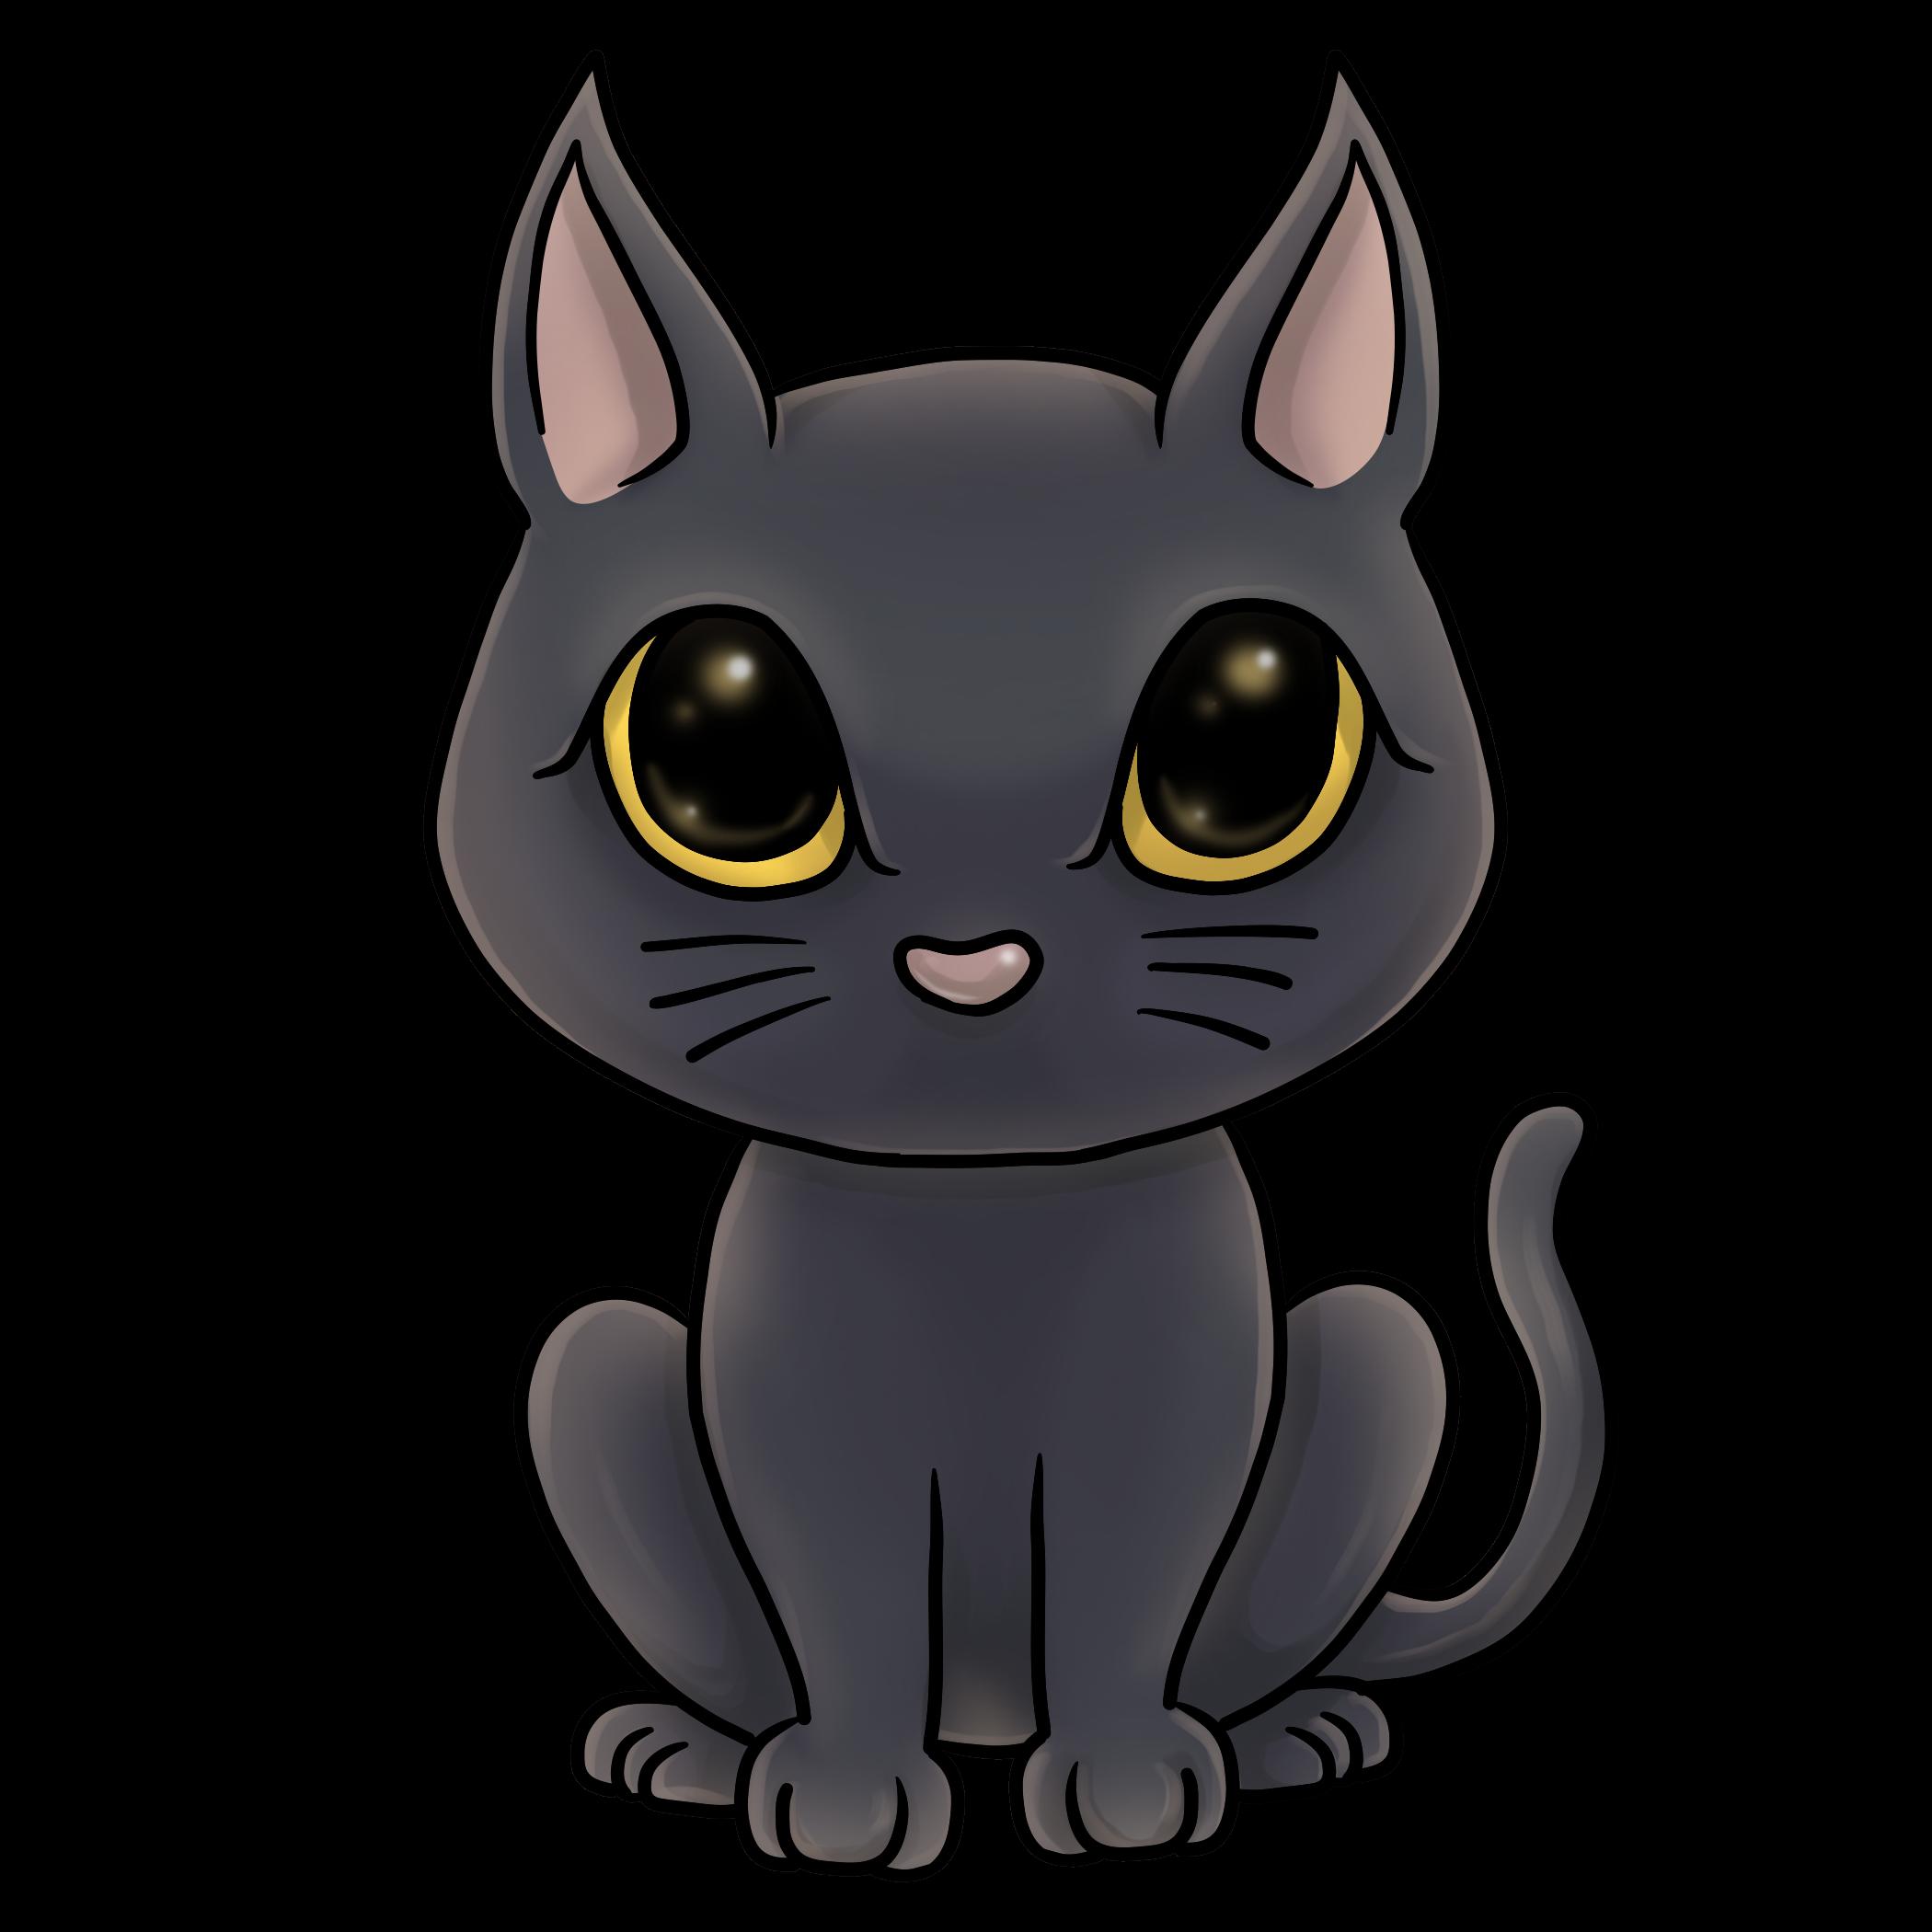 シンプルな黒猫のイラスト